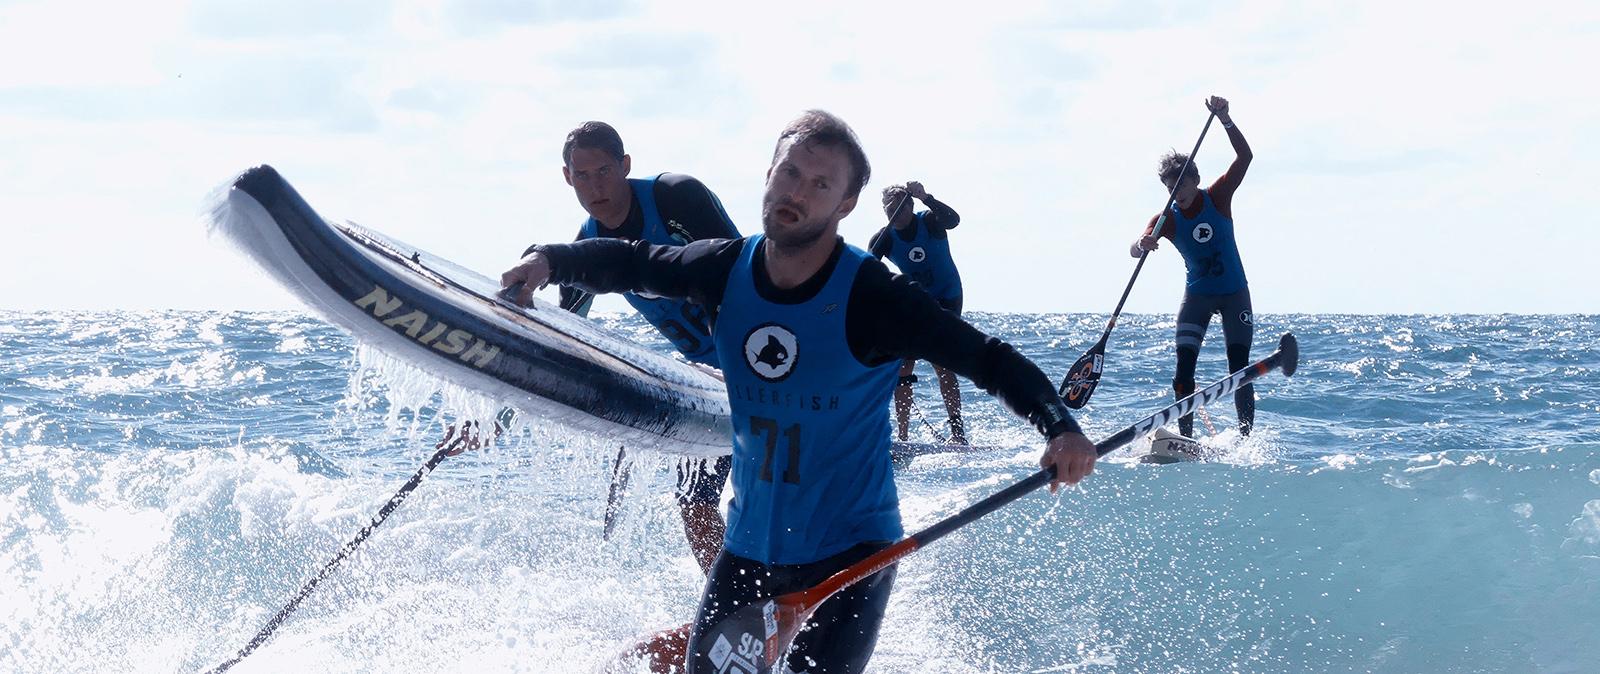 superflavor slider german sup challenge tech race sylt 2016 04 - Ein Hauch von Hawaii bei der Deutschen Meisterschaft im SUP Tech Race auf Sylt